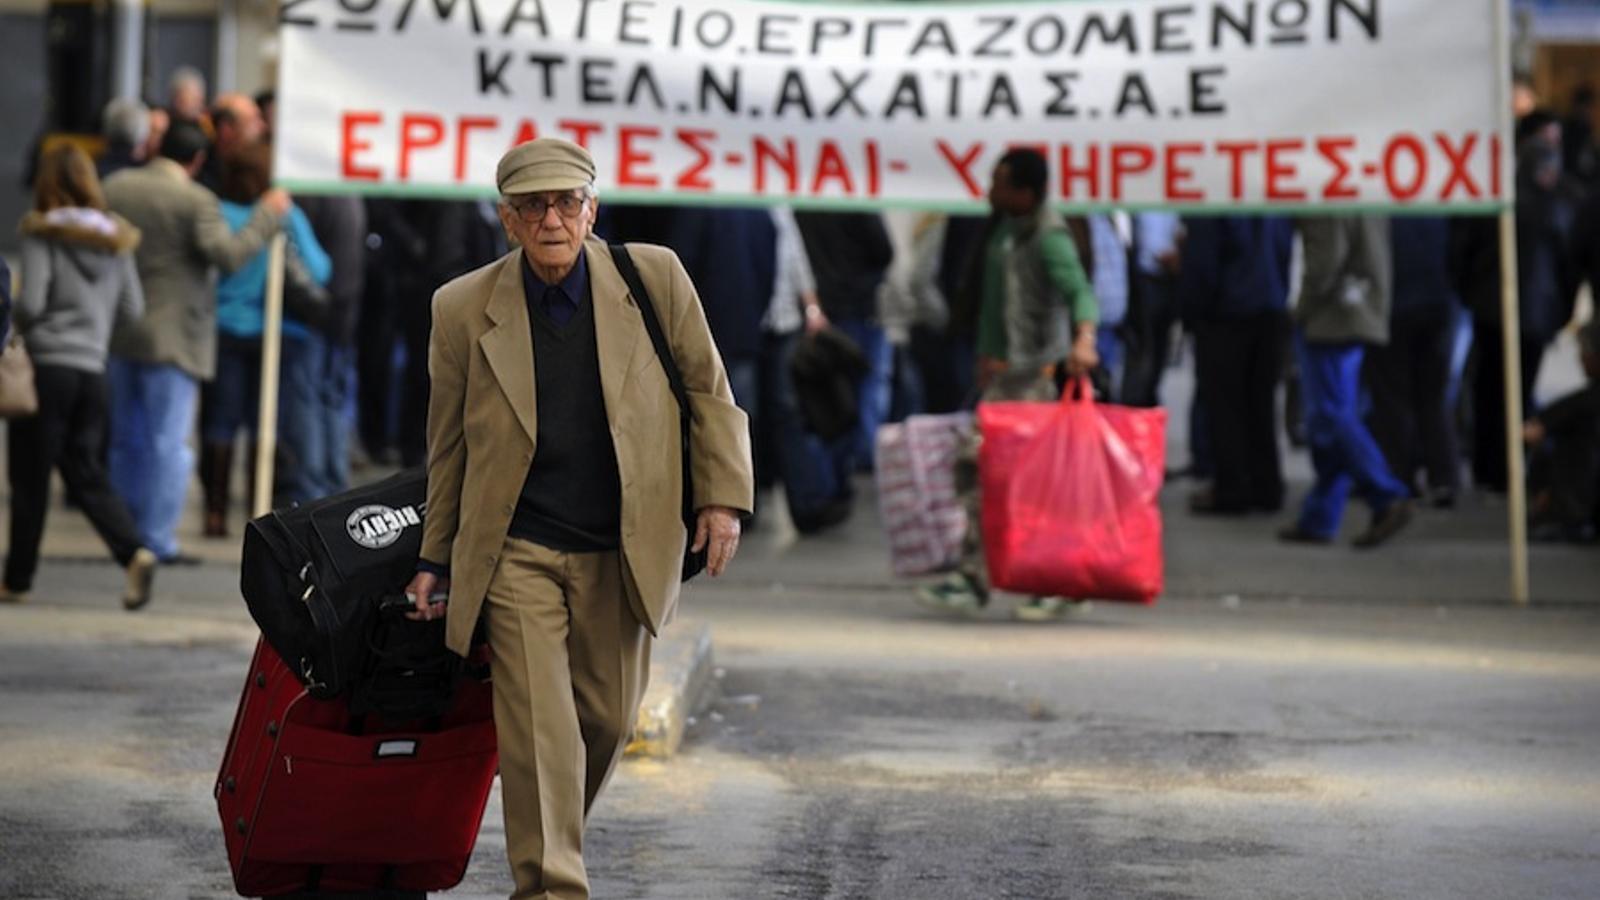 vaga de transports a Grècia - AFP